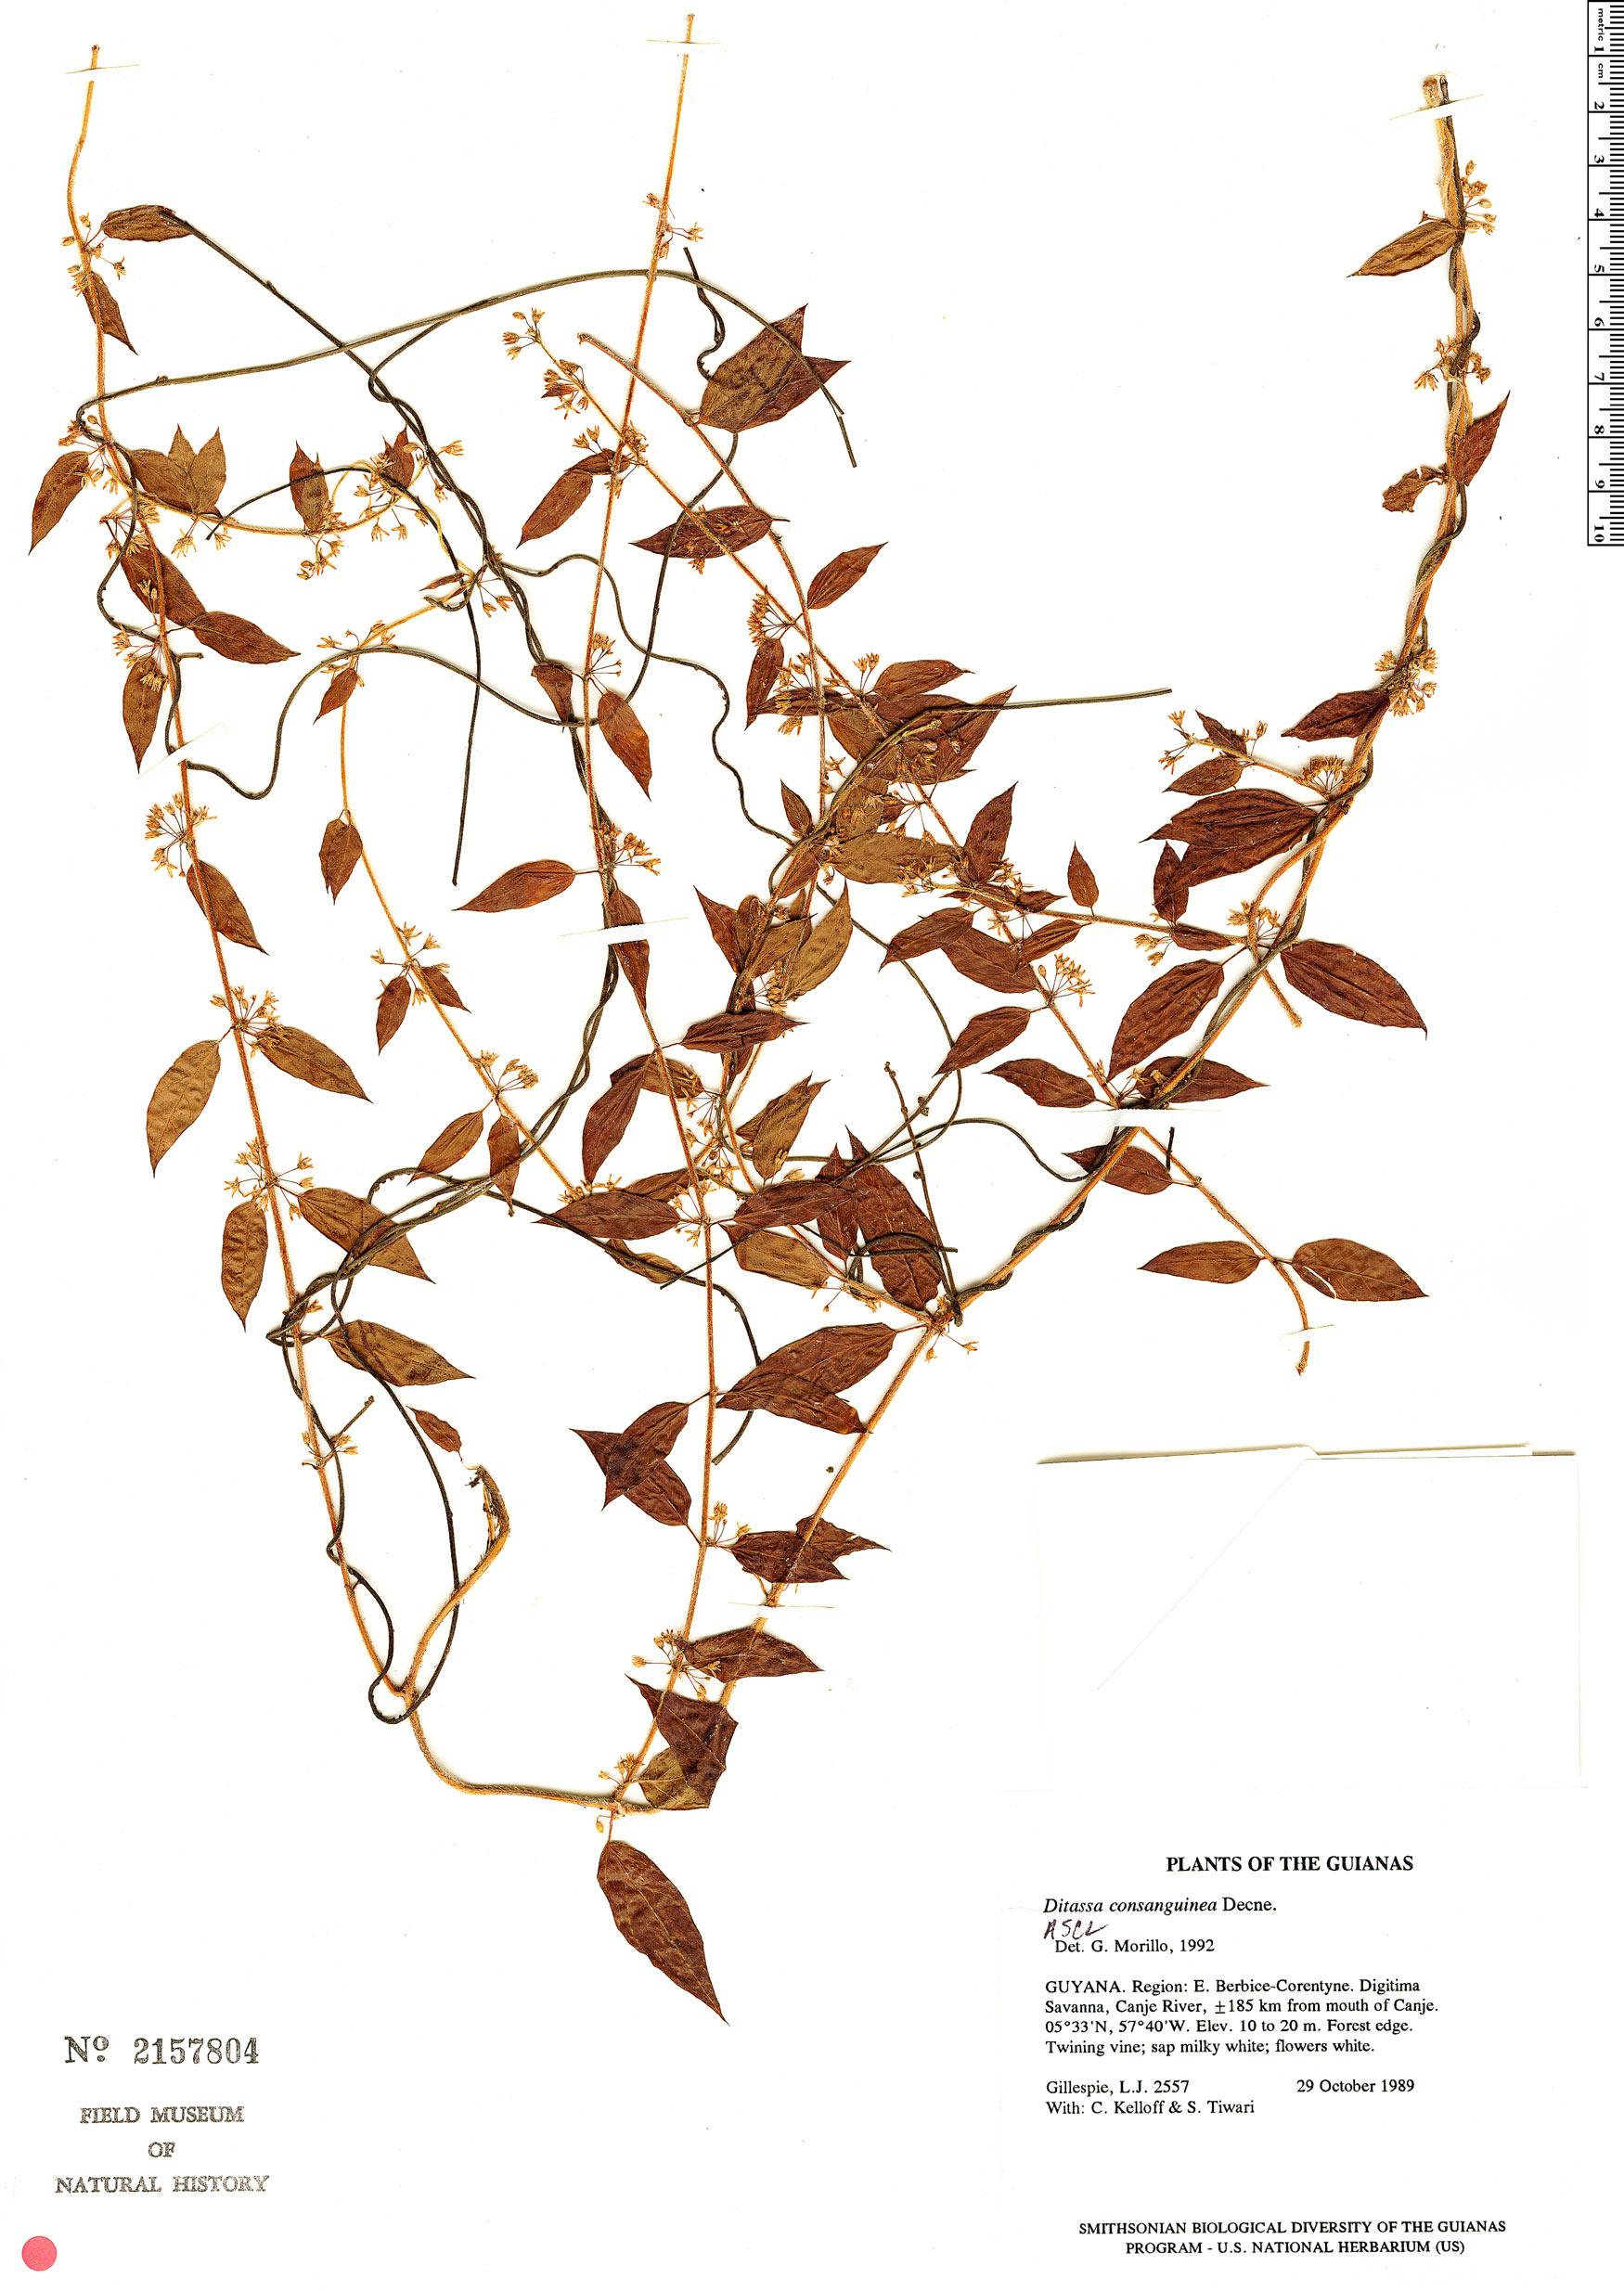 Specimen: Ditassa consanguinea